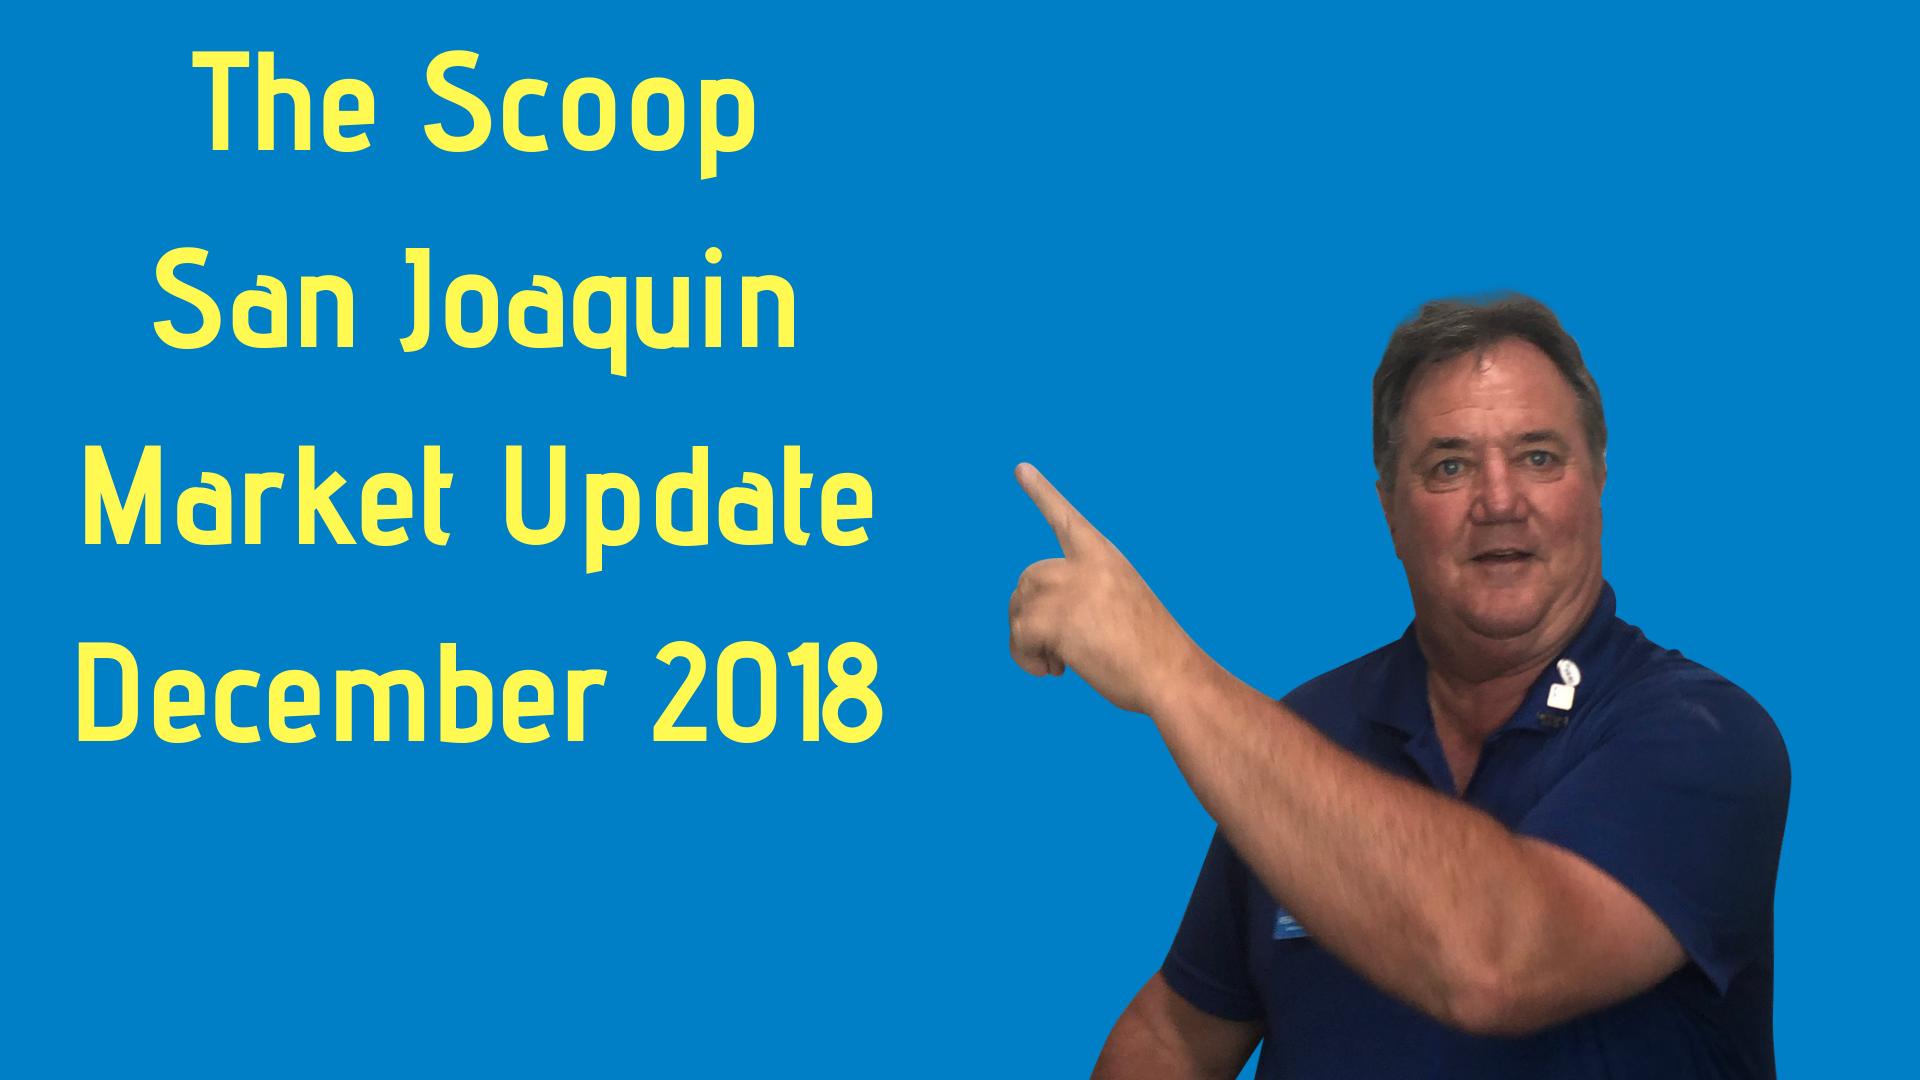 The Scoop San Joaquin Market Update December 2018